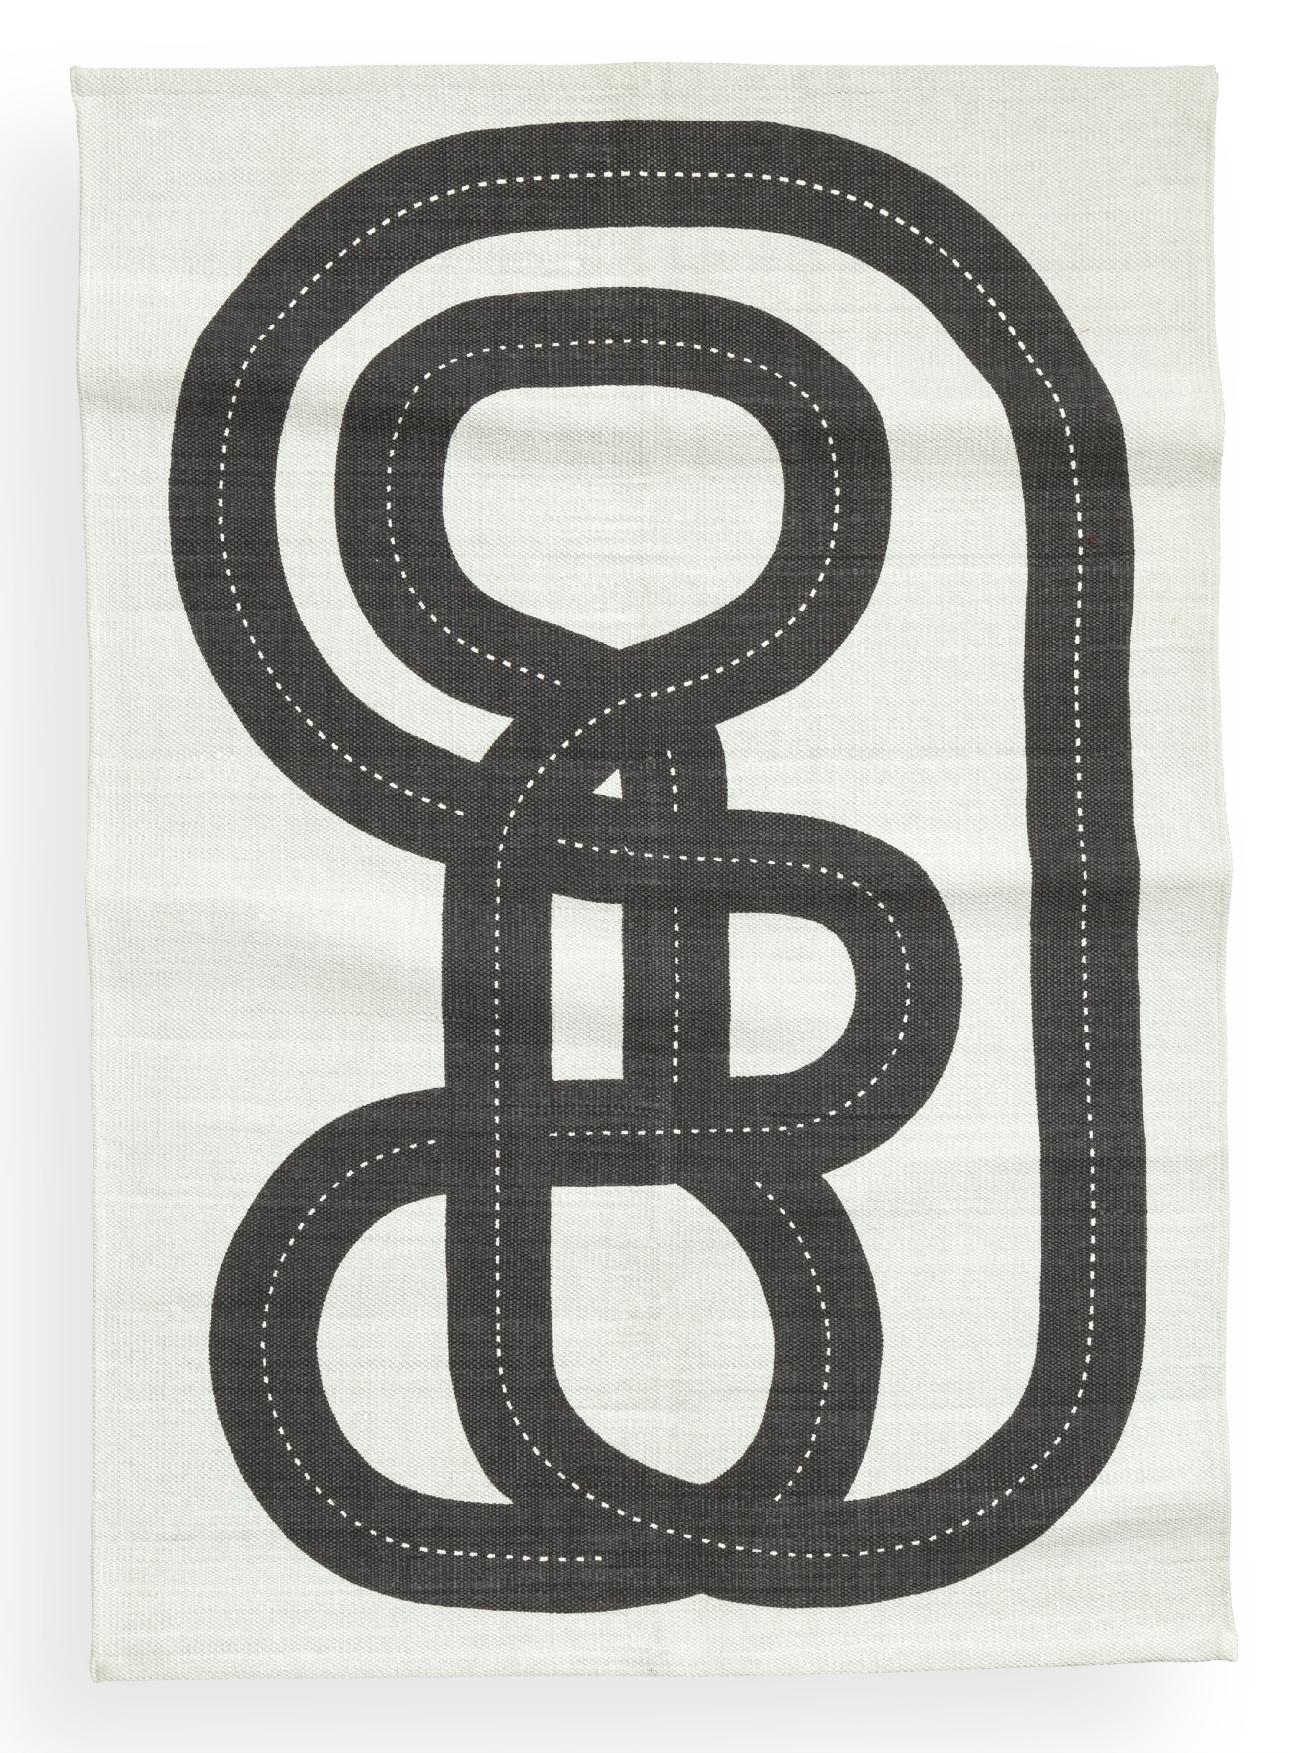 kinderkamer ideeen zwart-wit vloerkleed van H&M Home